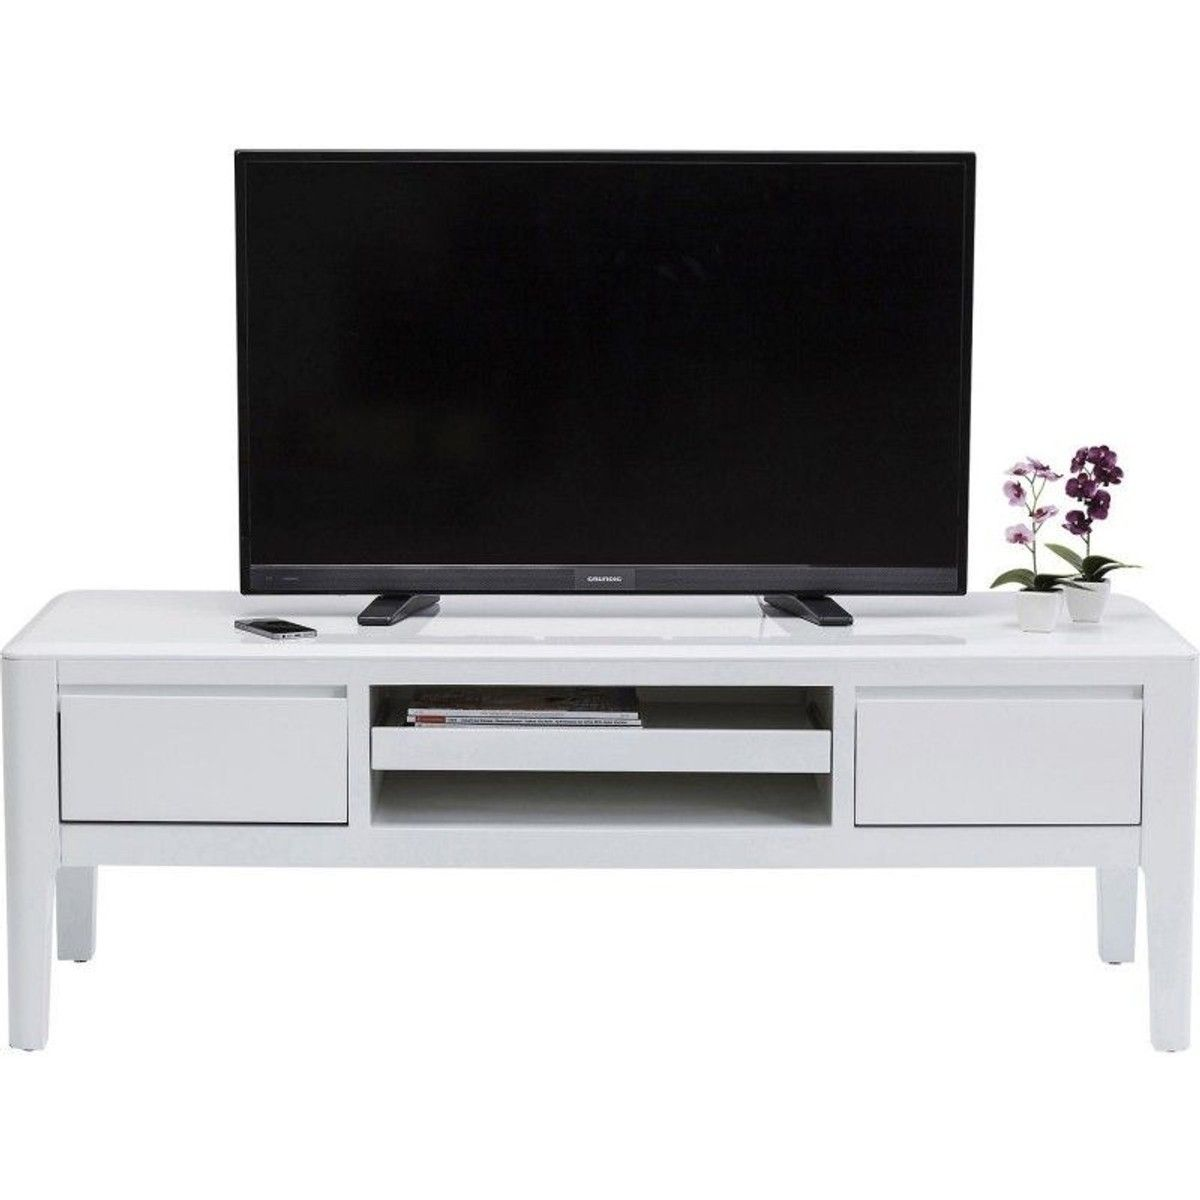 Meuble Tv Brooklyn Blanc Meuble Tv Meuble Tv Design Et Meuble